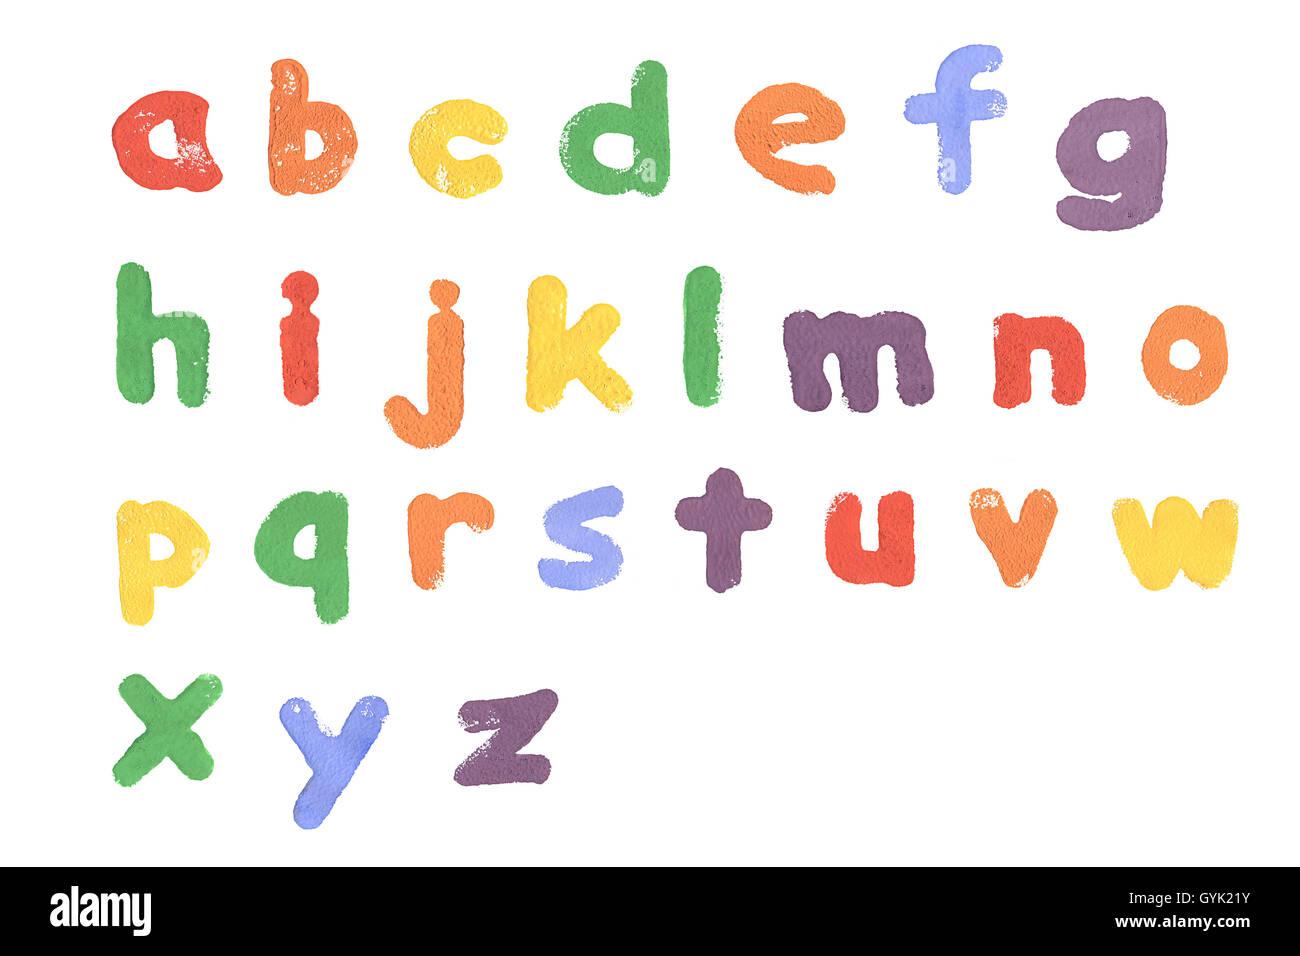 Une éponge alphabet lettre imprimés sur papier blanc. Photo Stock